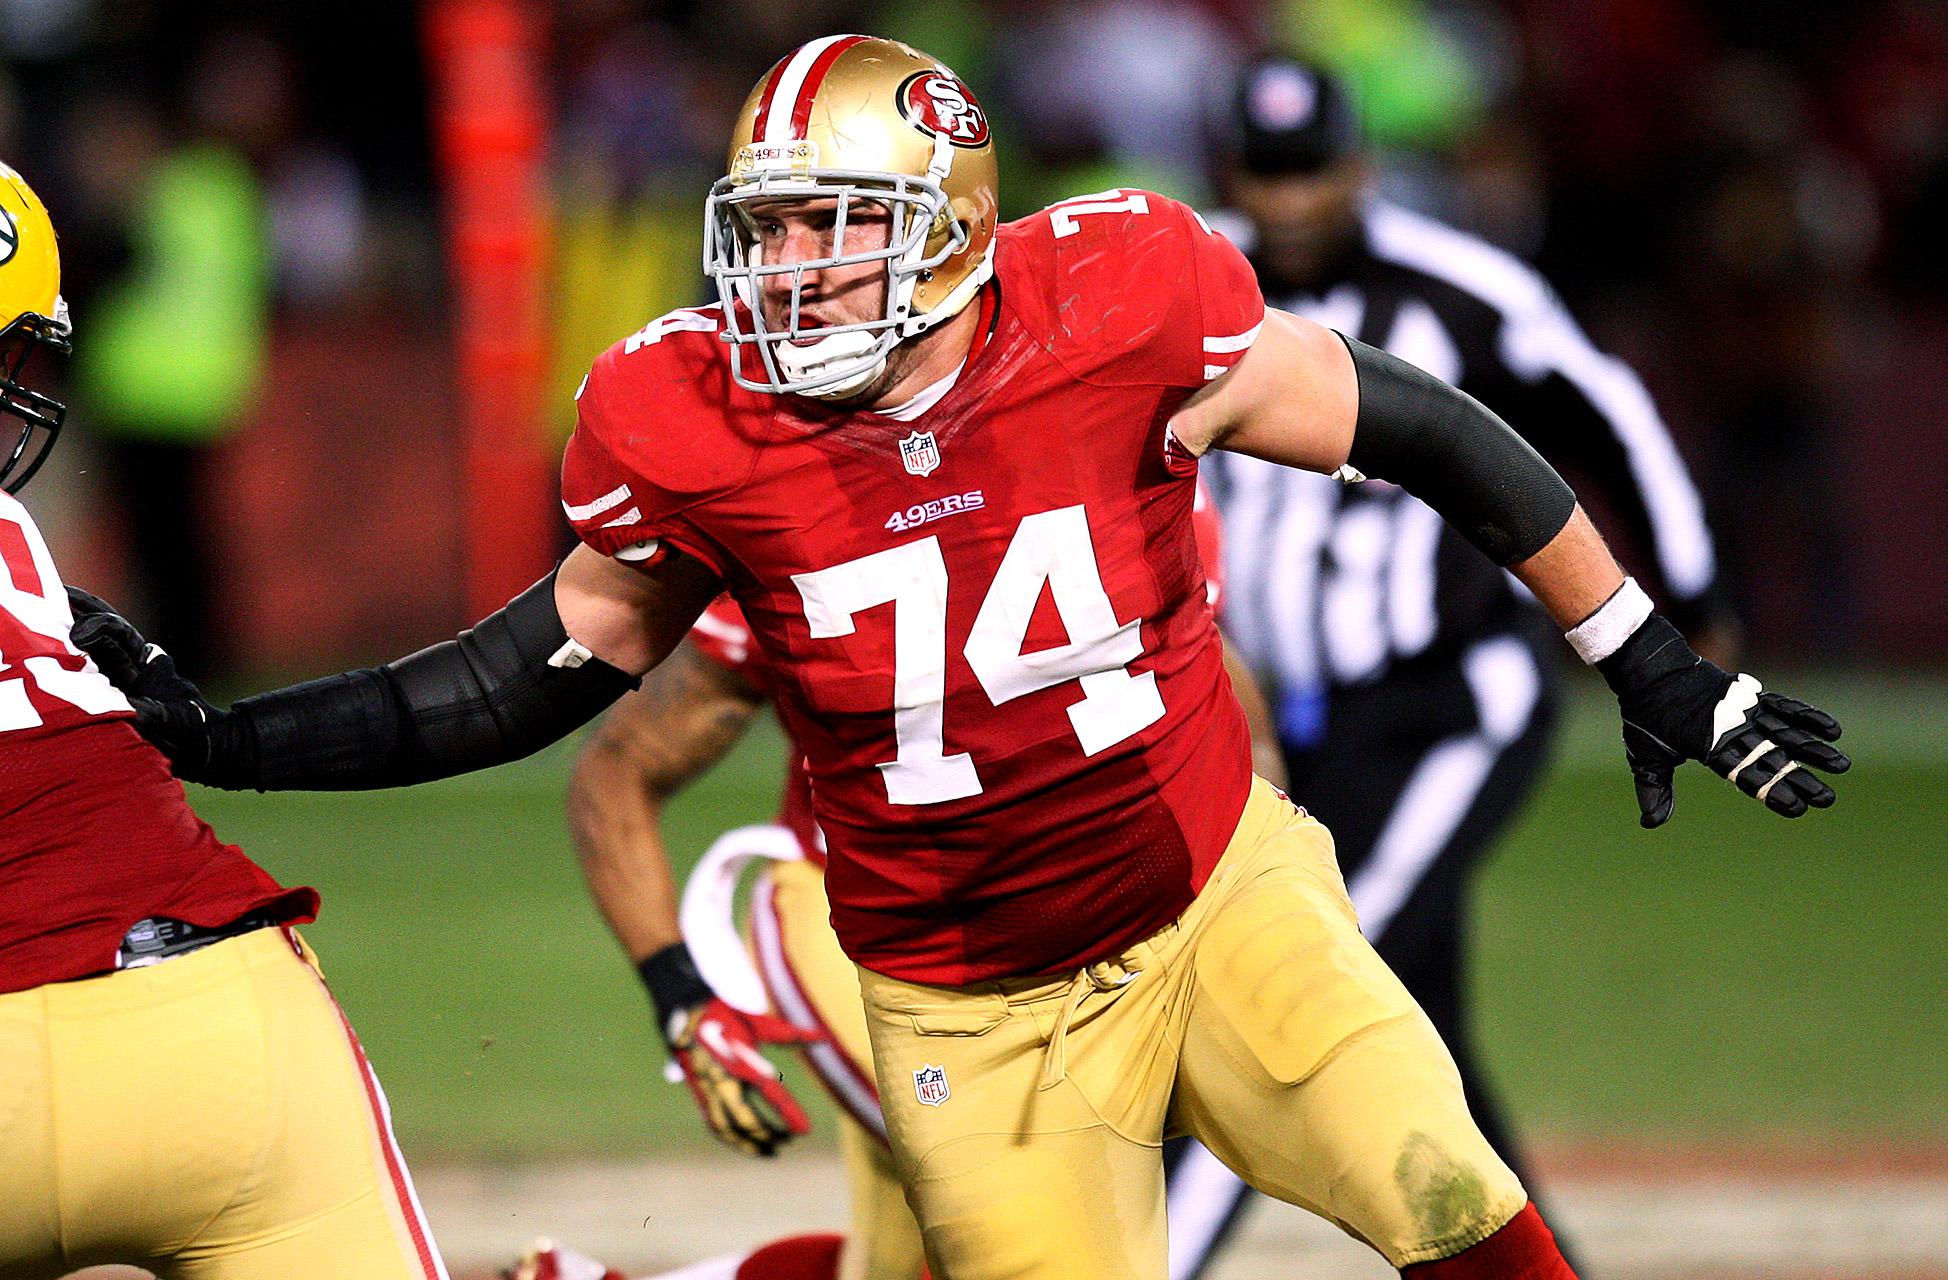 #NFLRank No. 25, Offense: Joe Staley